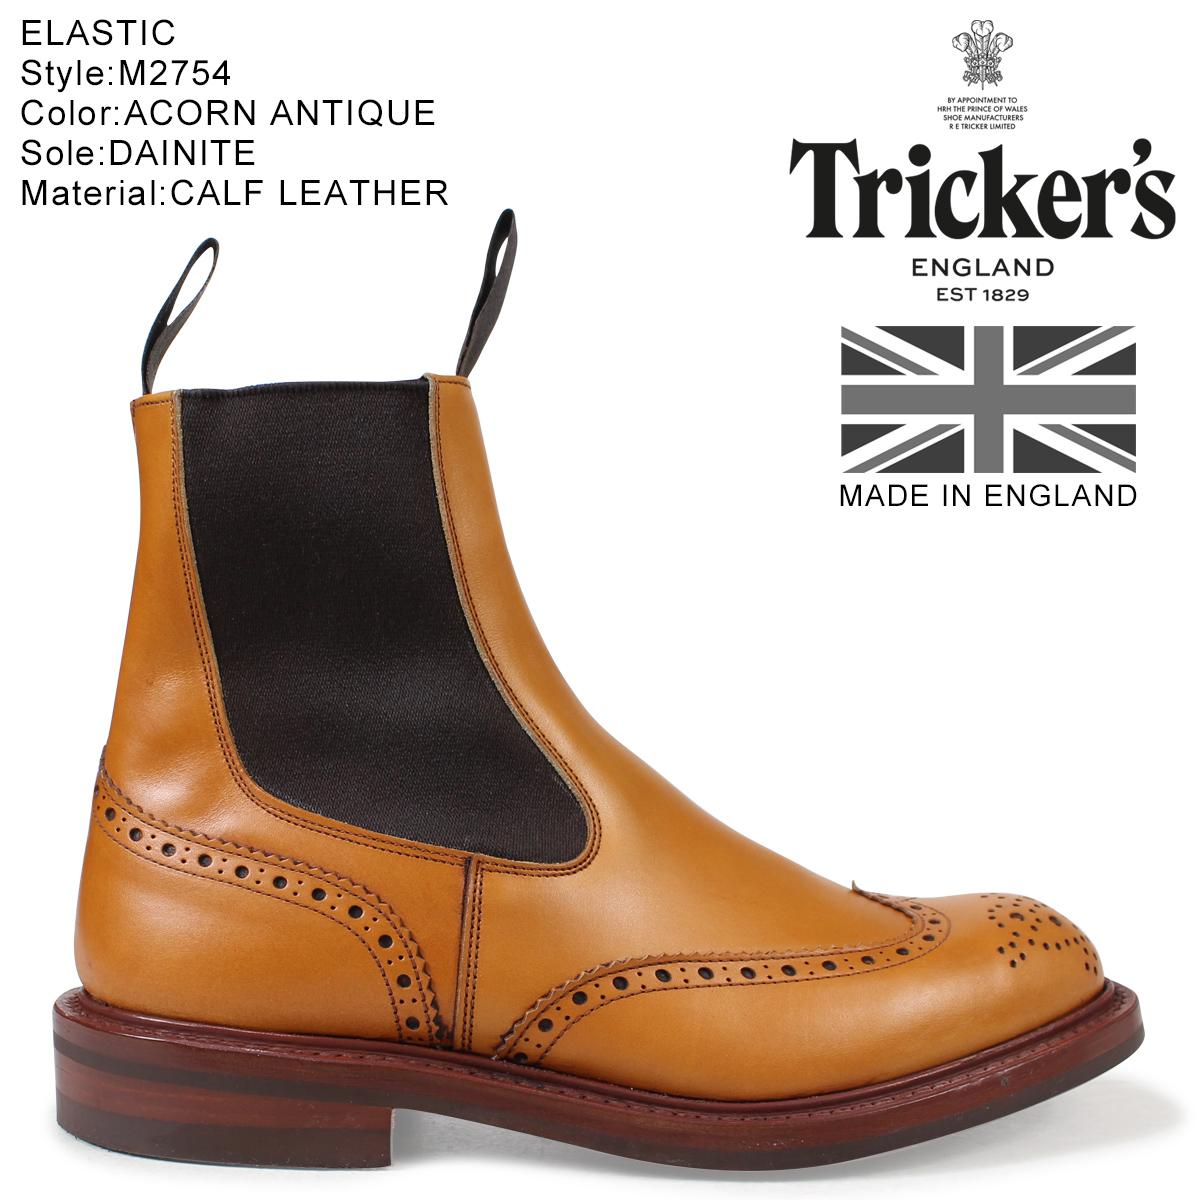 Tricker's トリッカーズ サイドゴアブーツ HENRY M2754 5ワイズ メンズ